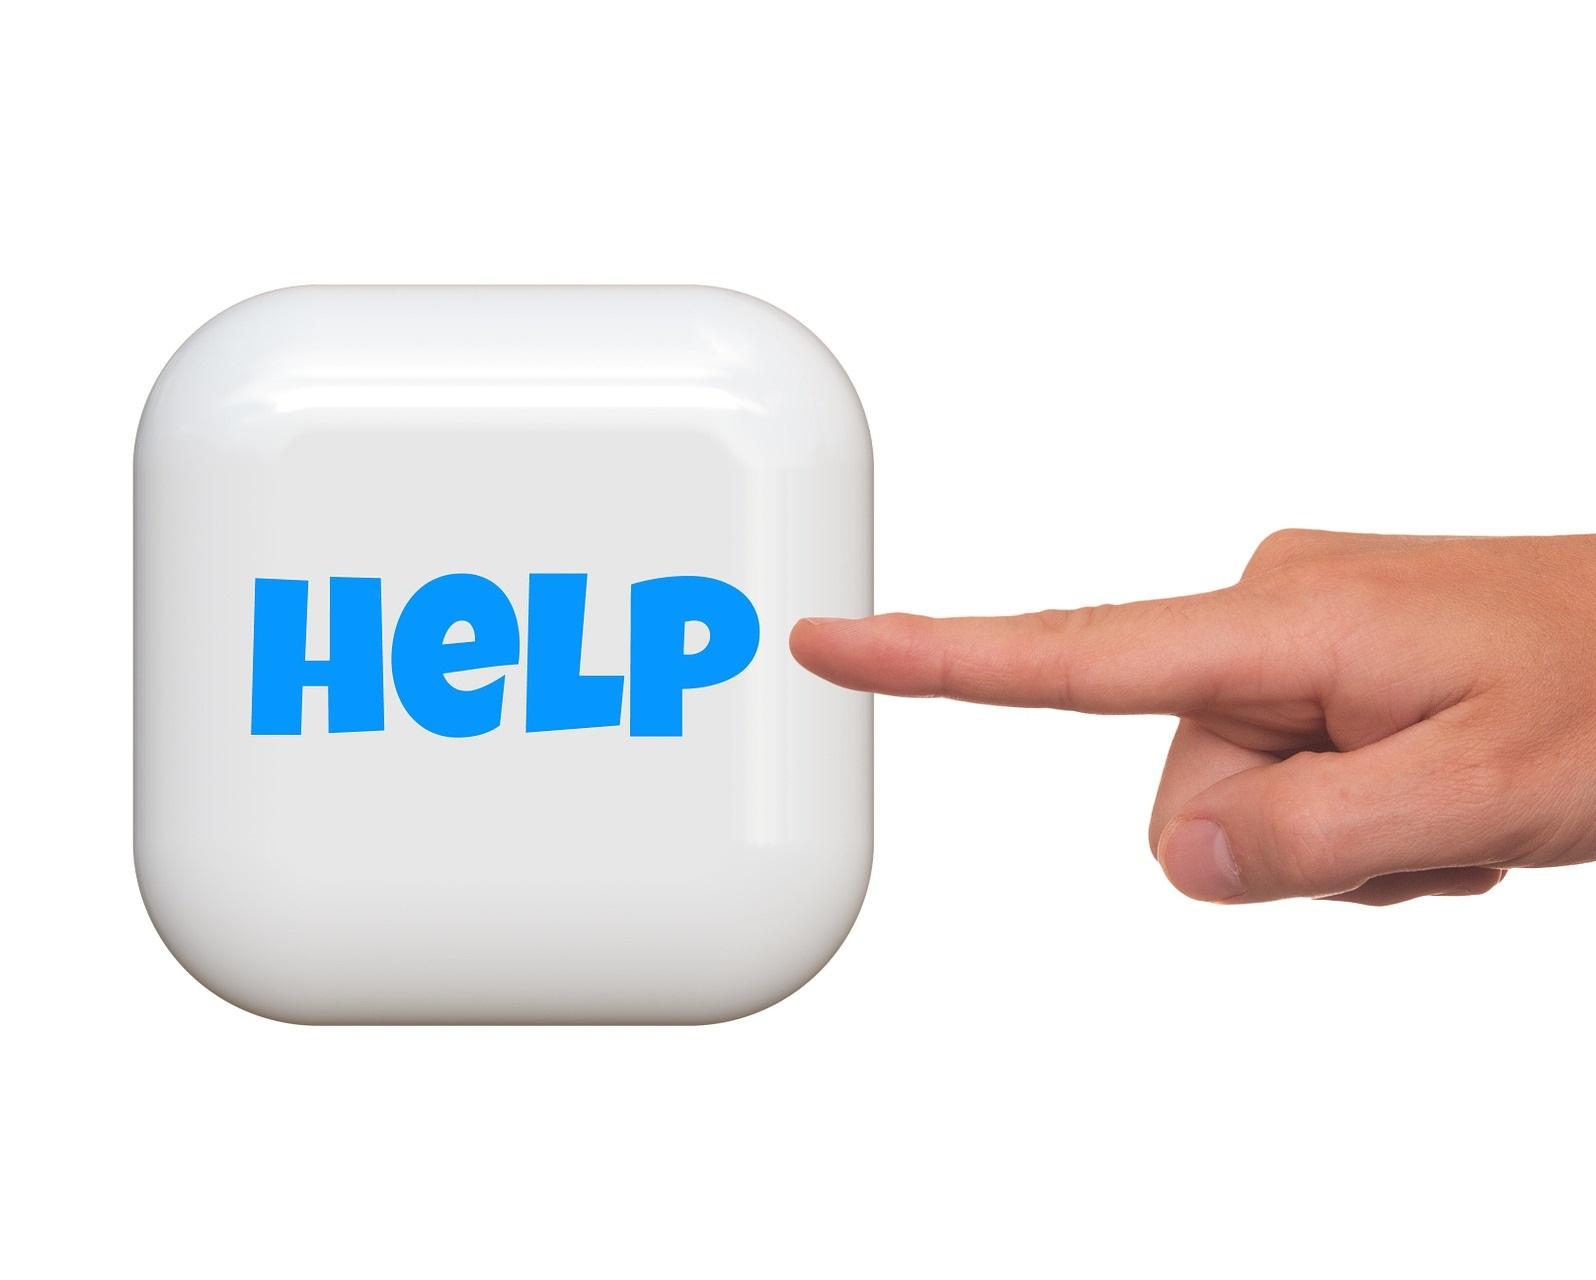 Come aprire un blog guida gratuita per creare un blog e for Sito web piano gratuito